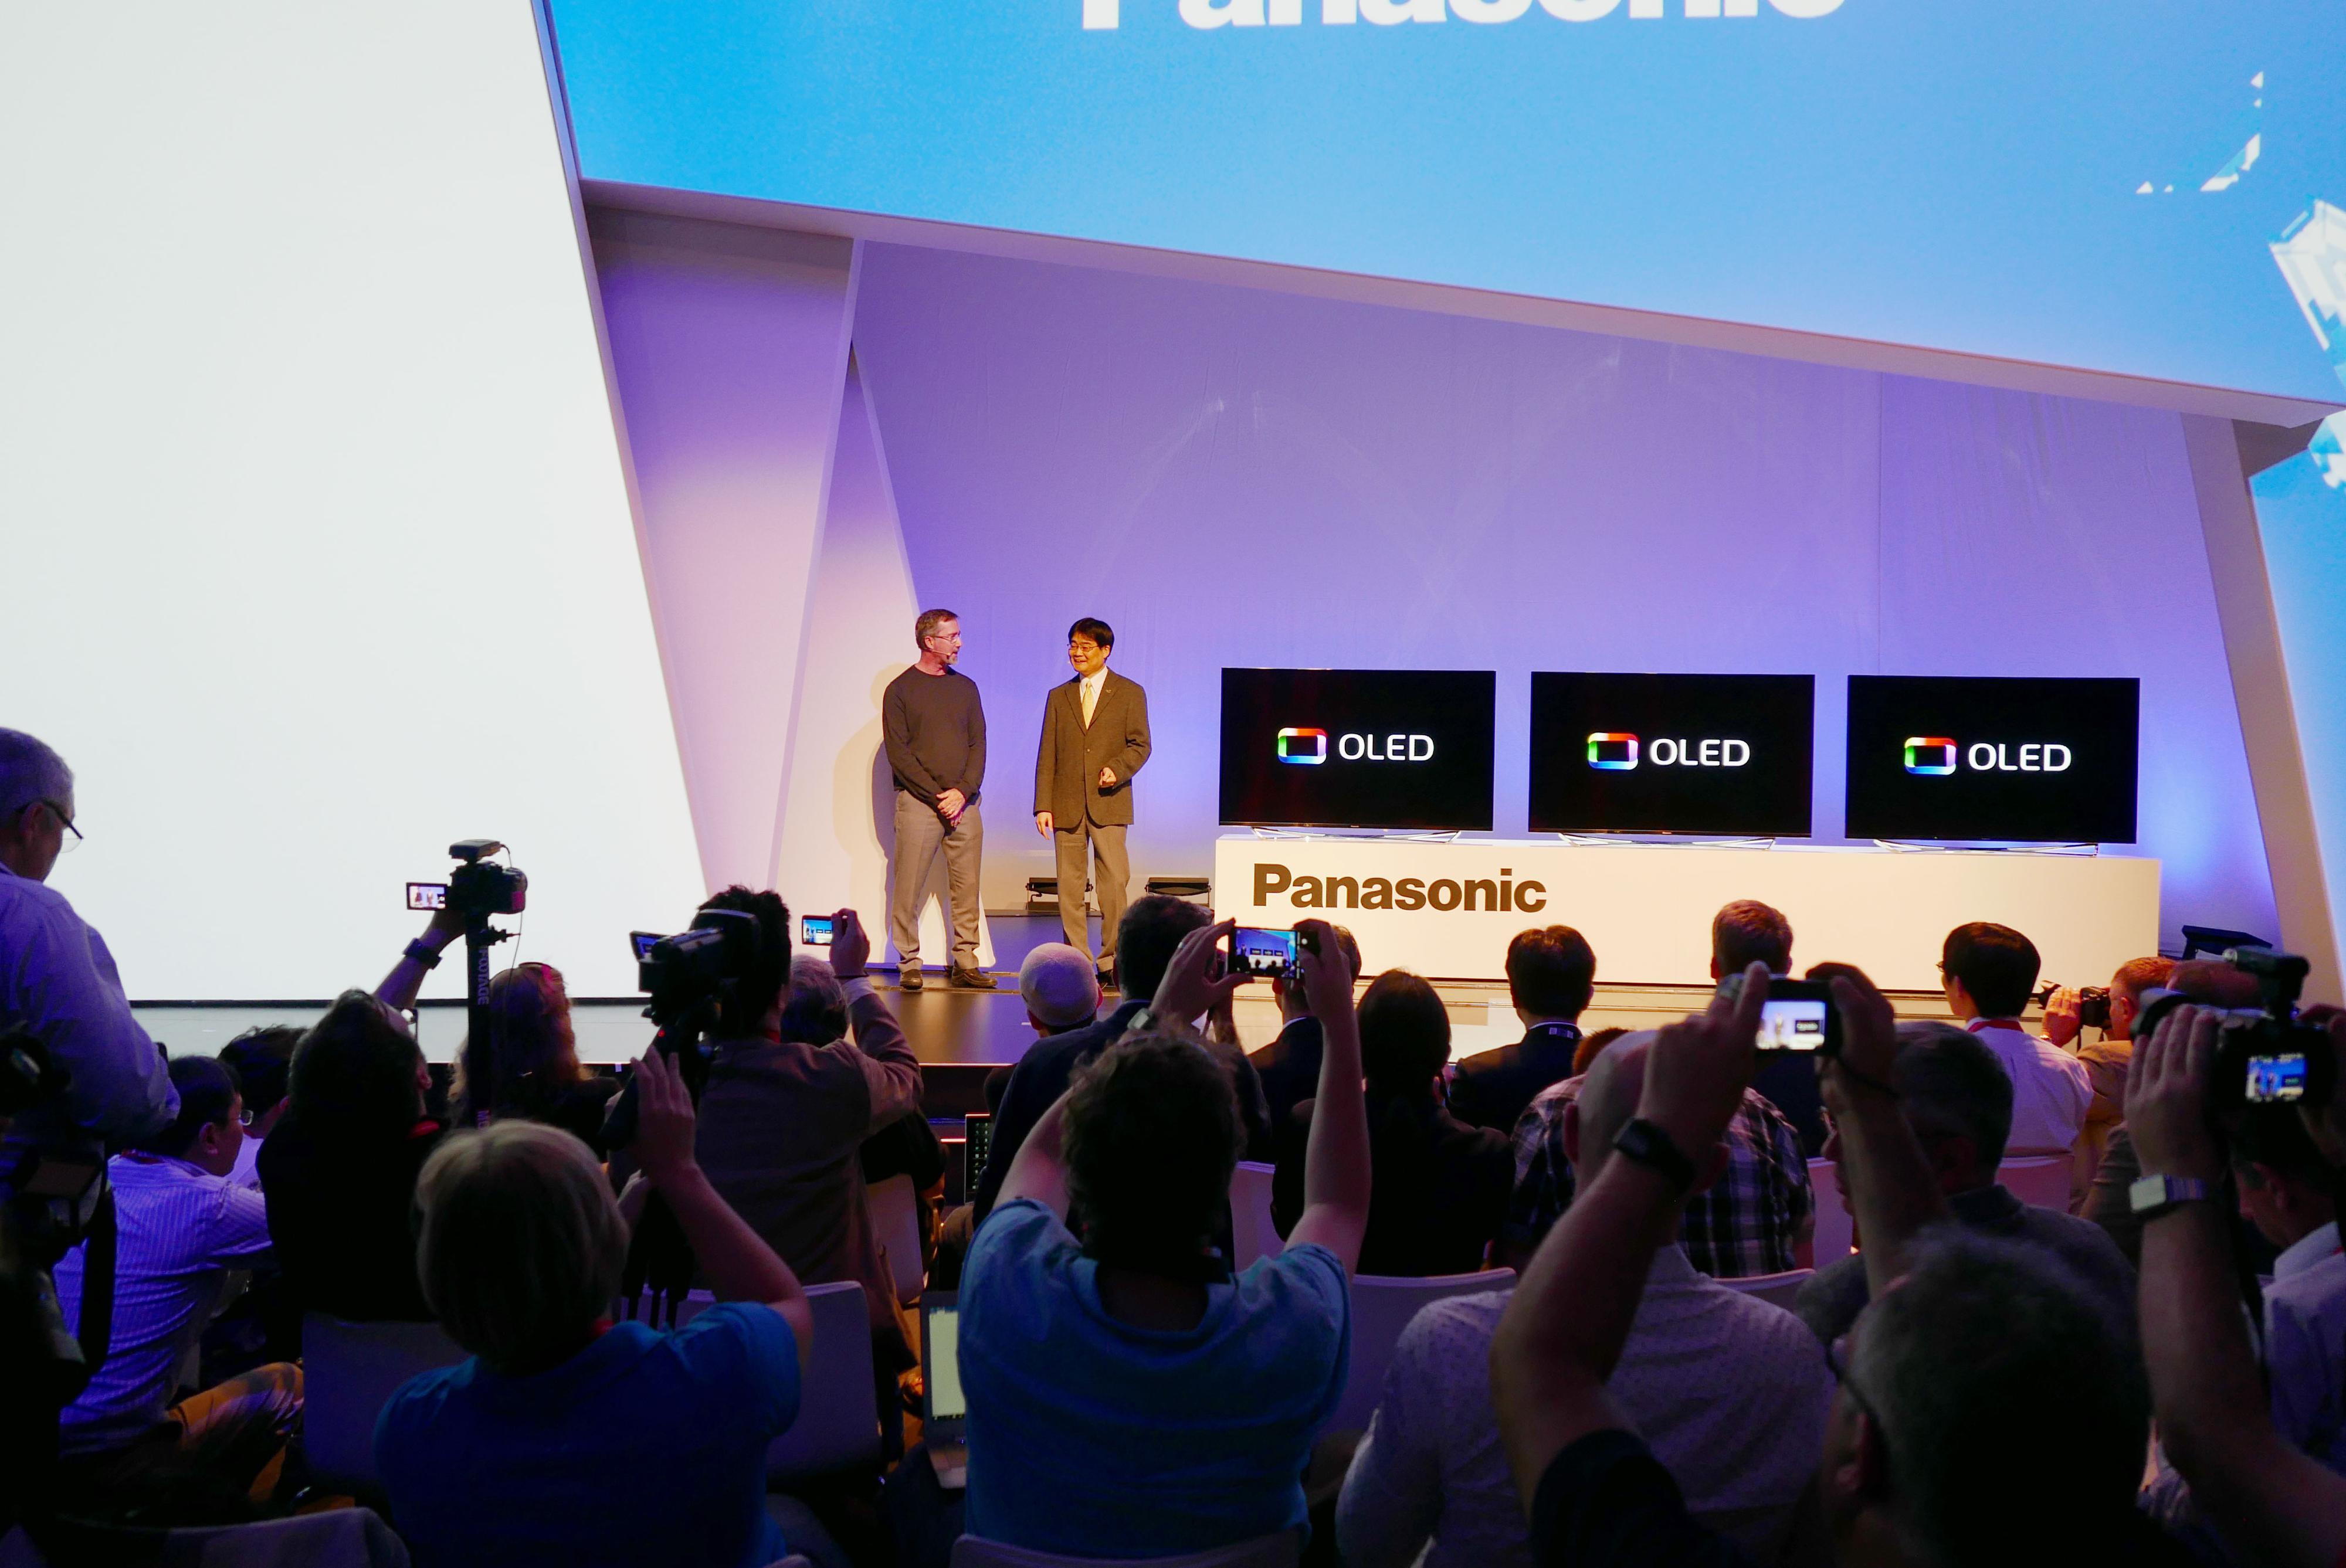 Panasonic slapp omsider sin første OLED-modell under årets IFA-messe. Foto: Ole Henrik Johansen / Tek.no